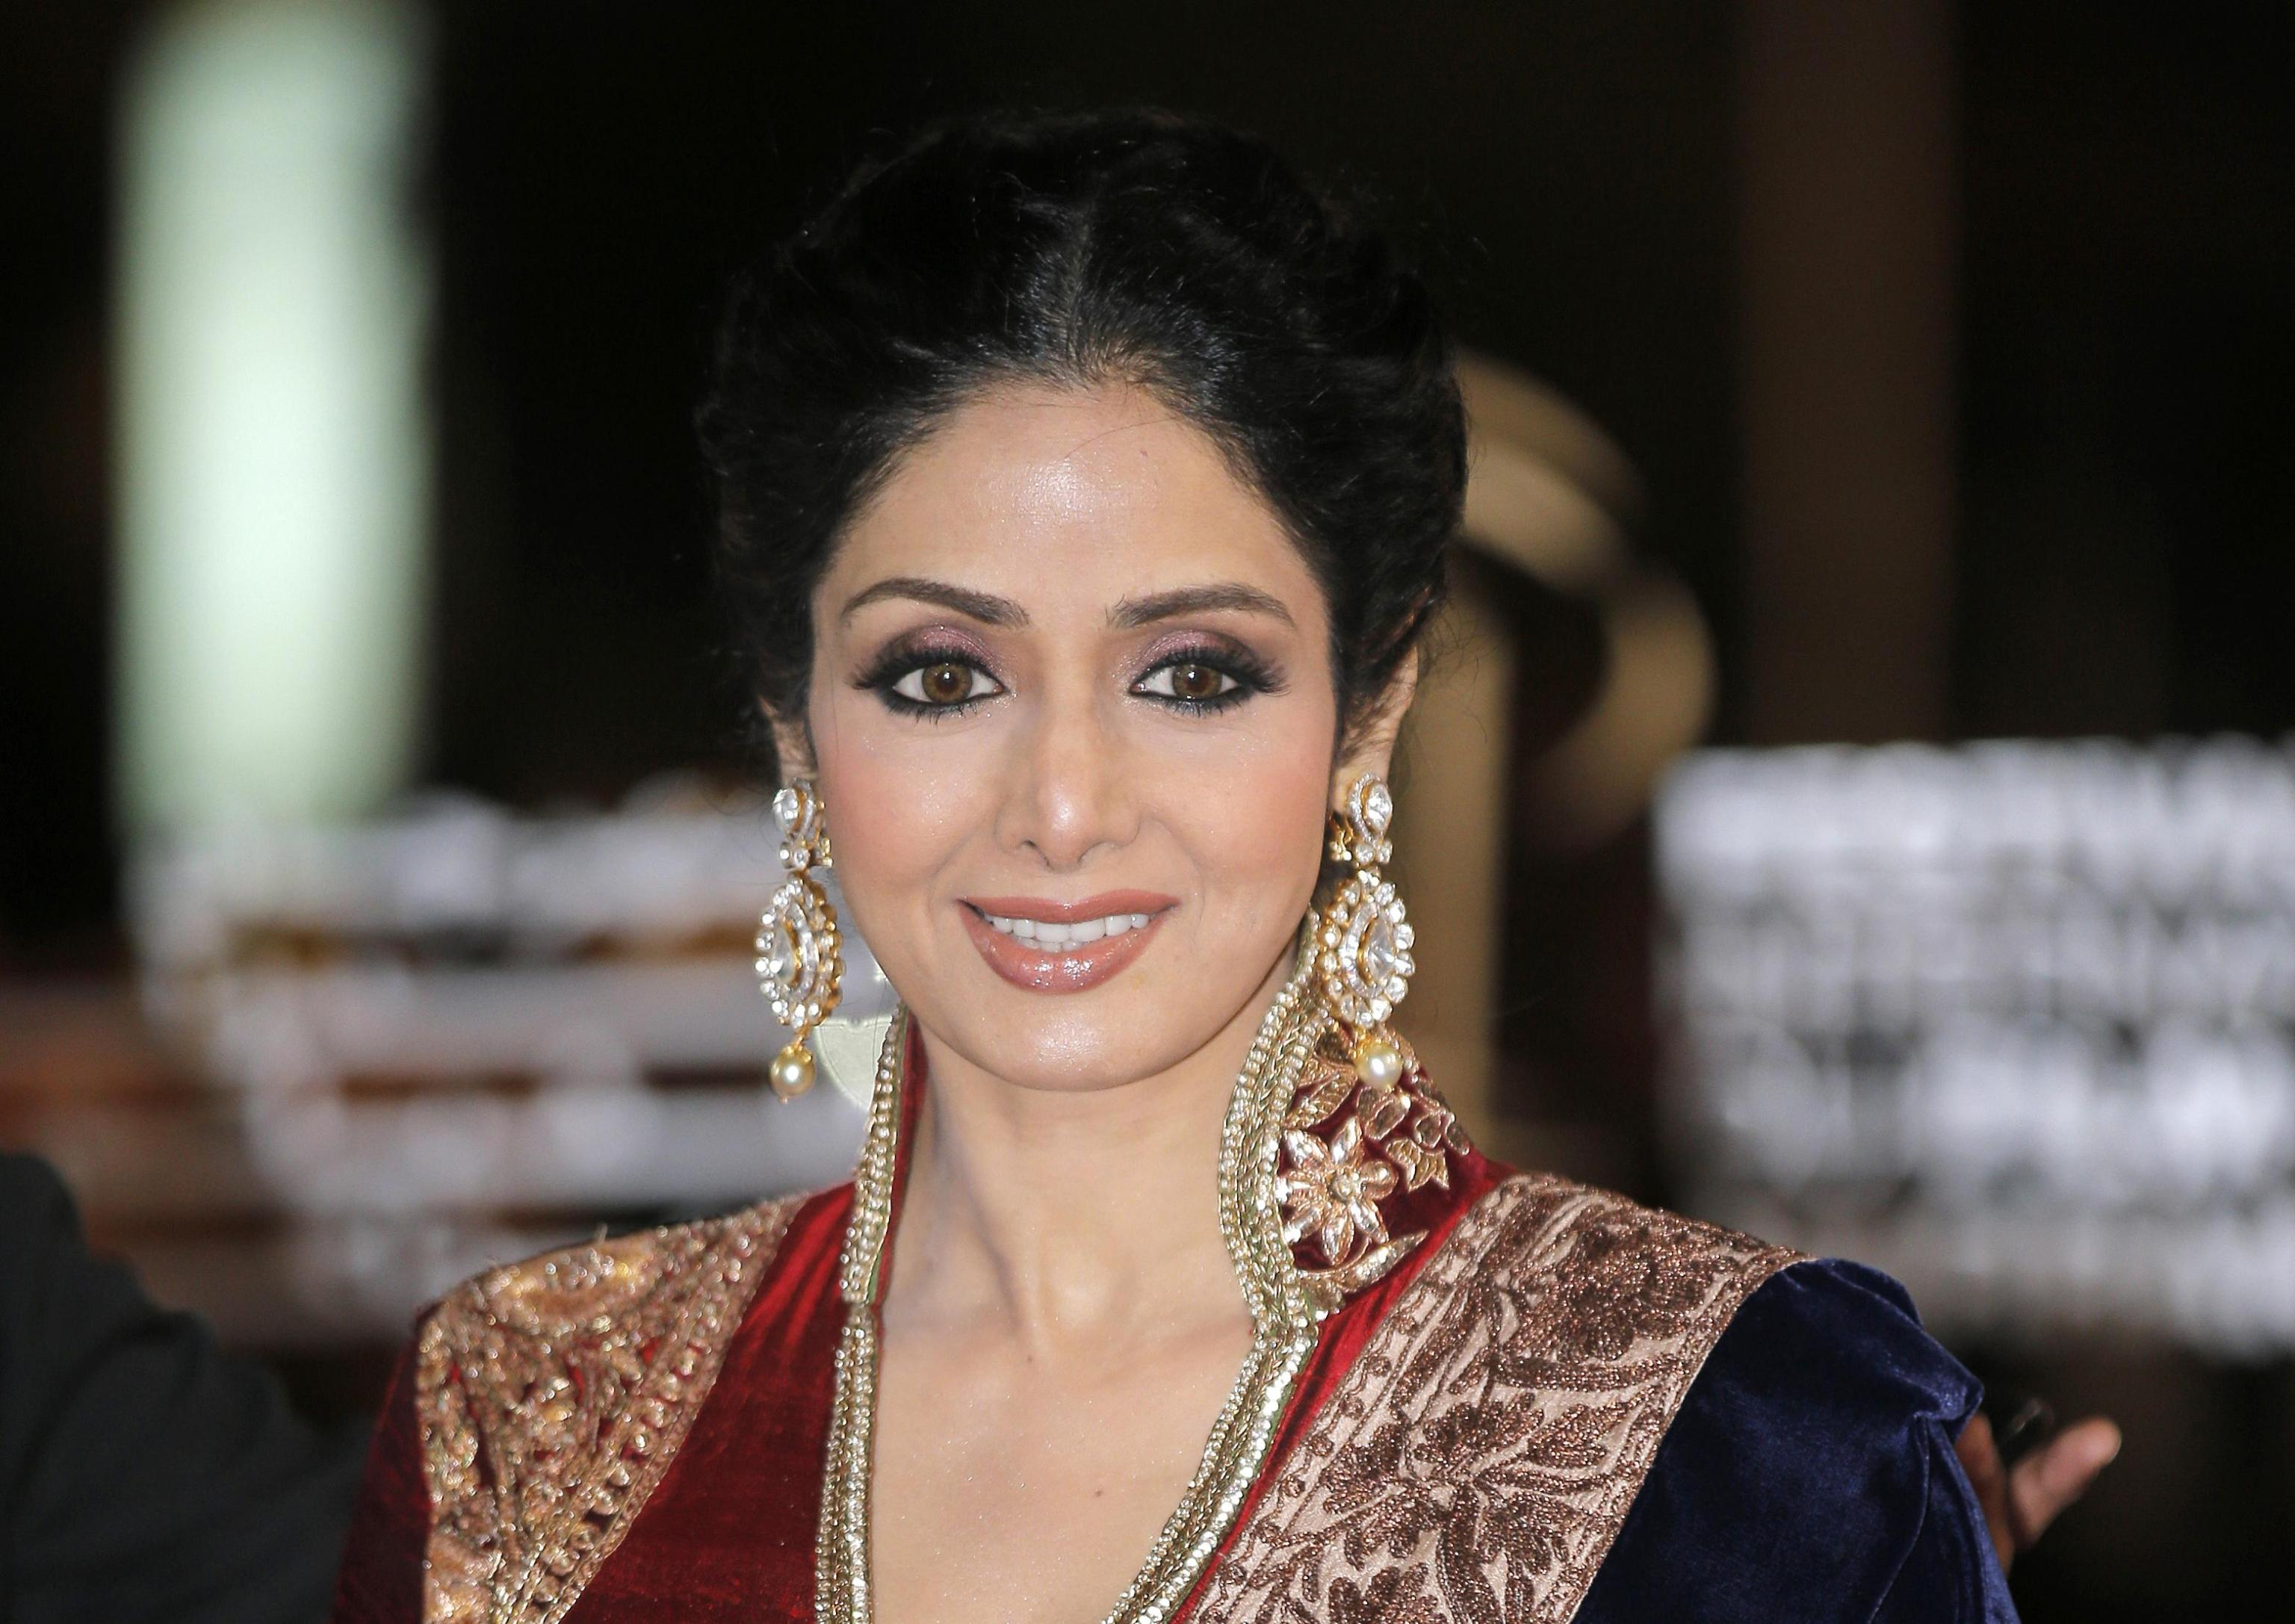 Morta Sridevi Kapoor, attrice di Bollywood: milioni di fan in lutto